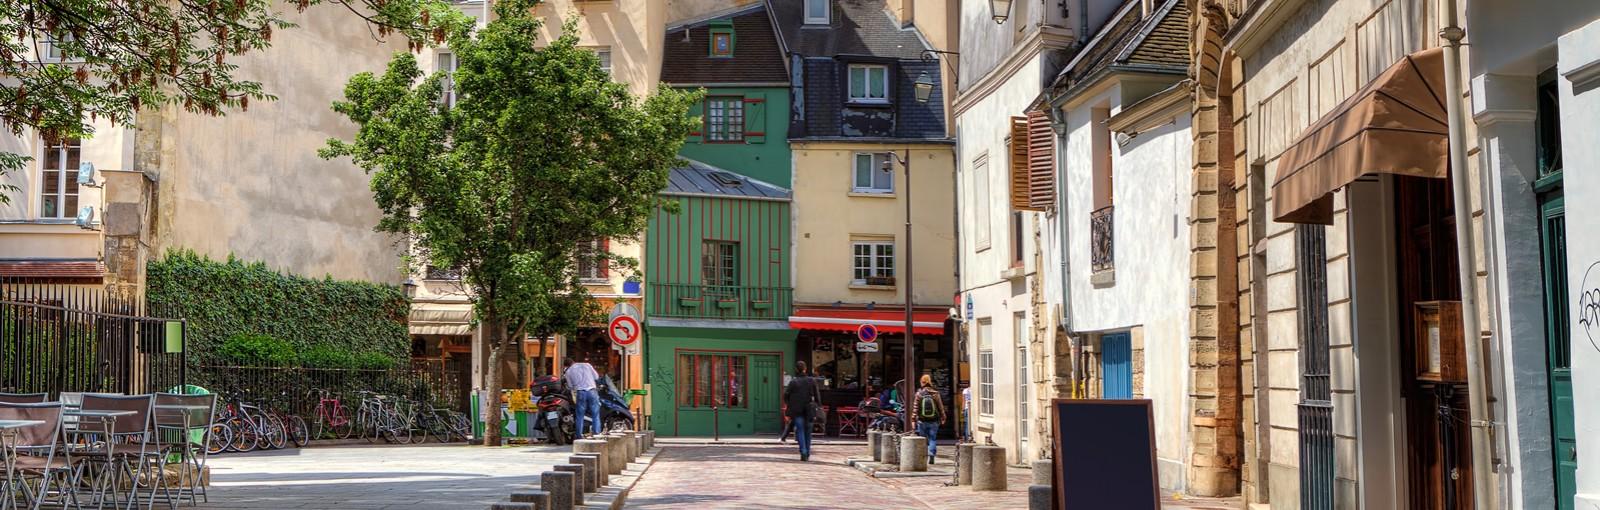 Tours 玛黑区老城, 孚日广场,圣·保罗村 - 徒步游 - 巴黎游